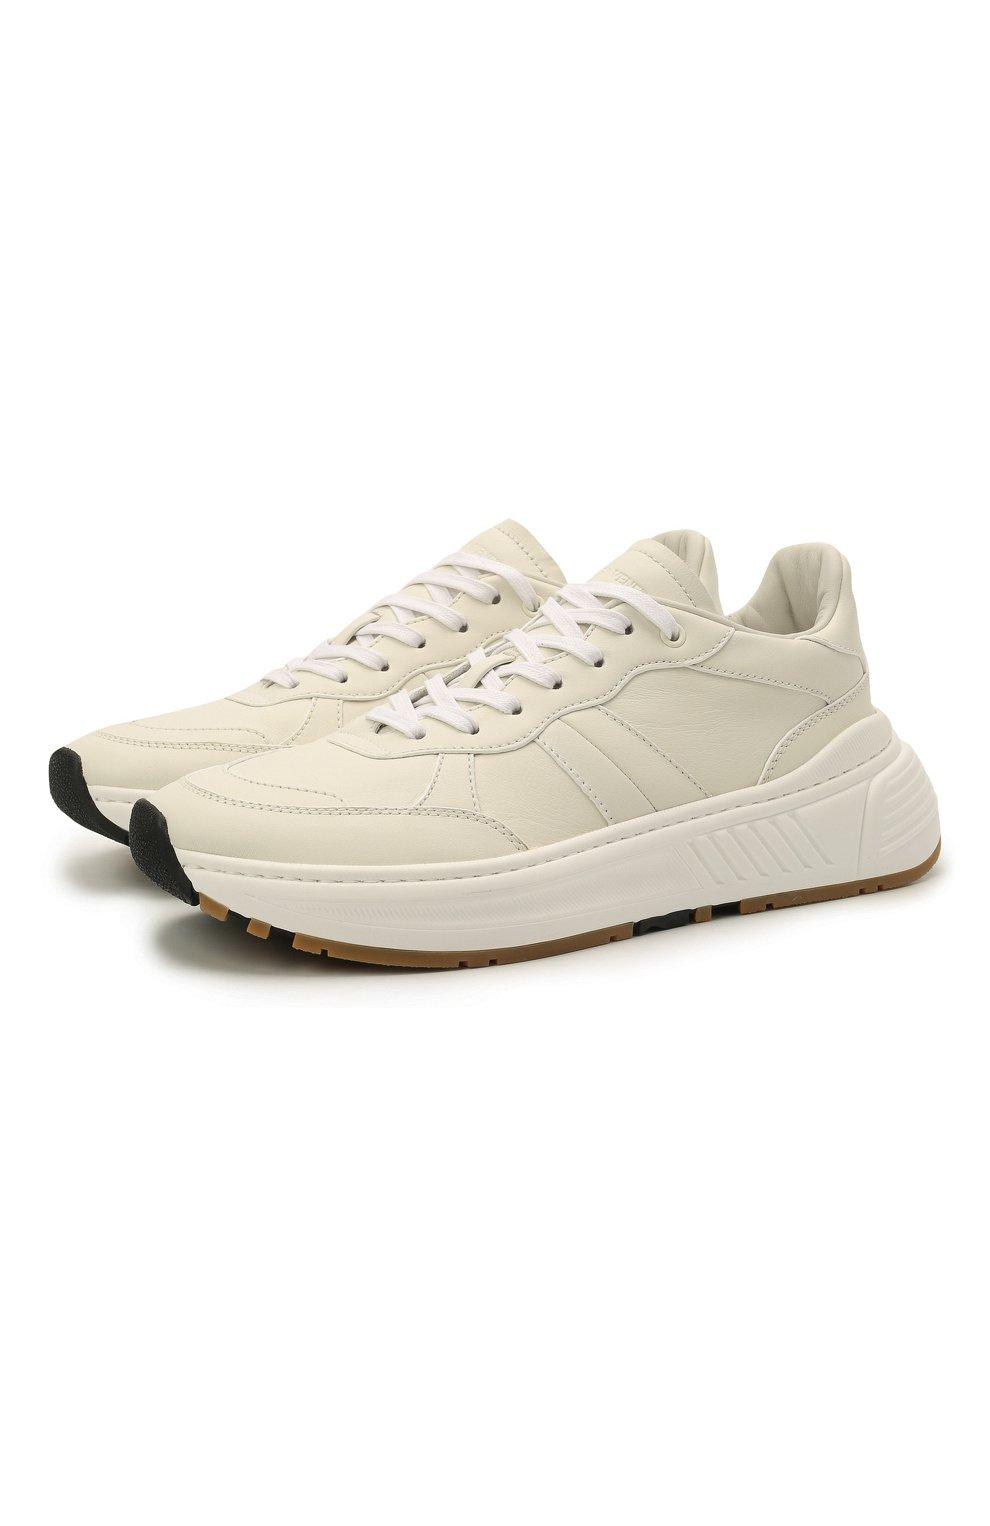 Мужские кожаные кроссовки BOTTEGA VENETA белого цвета, арт. 565646/VT040   Фото 1 (Материал внутренний: Натуральная кожа; Стили: Классический; Подошва: Массивная)